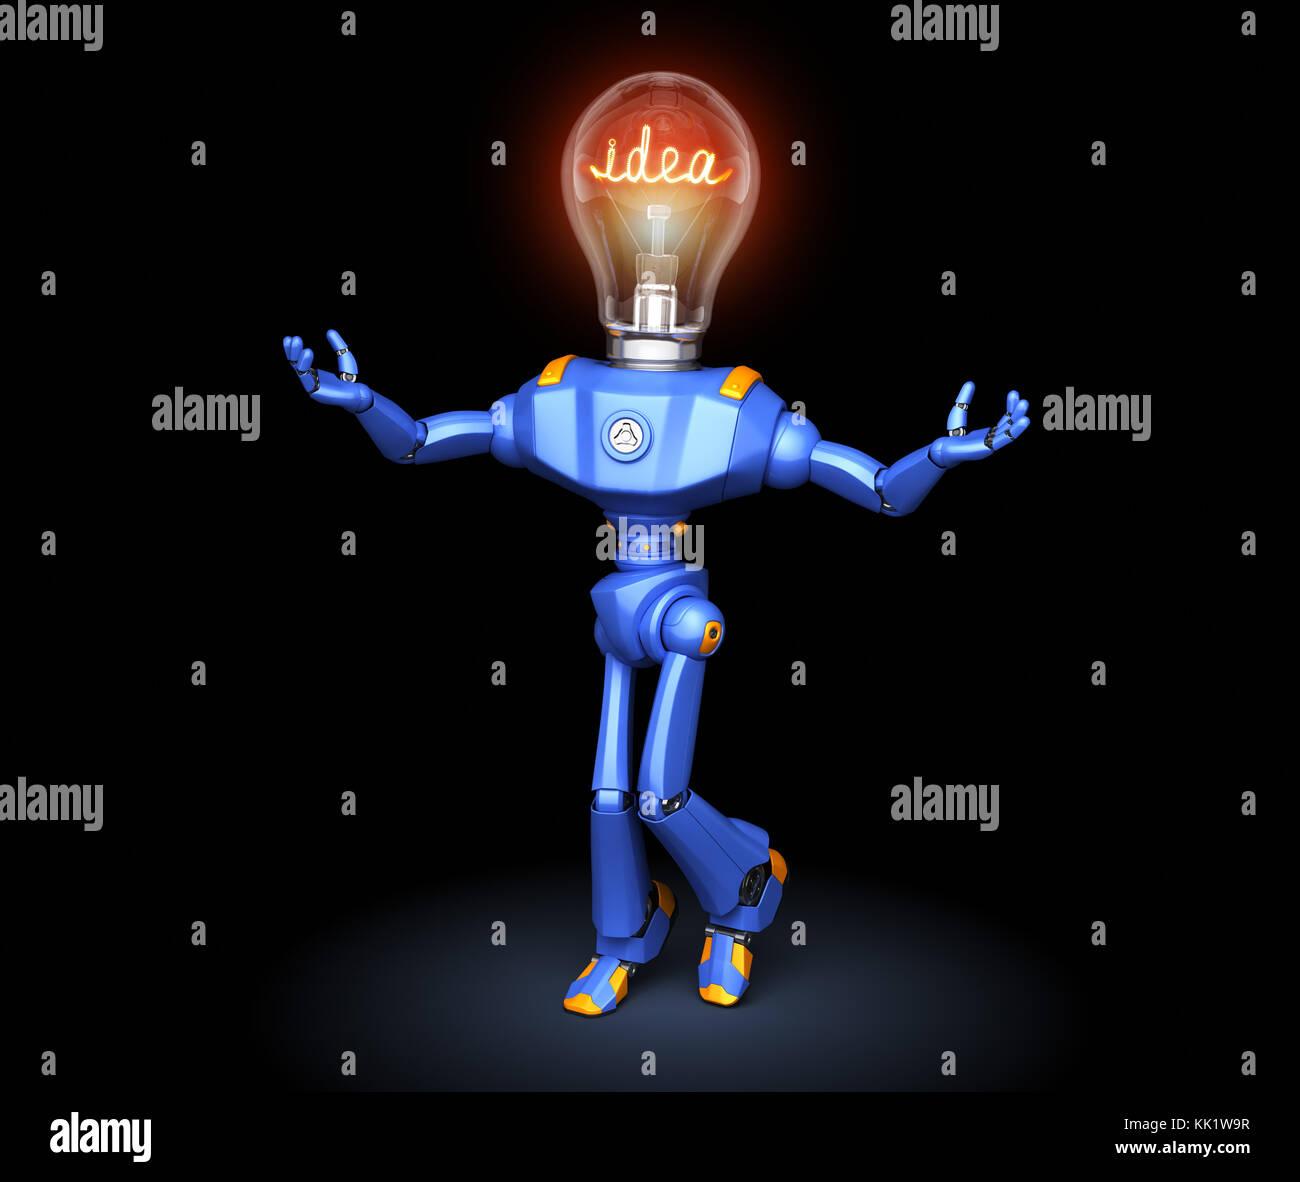 Lindo robot personaje fue idea. Ilustración 3d Imagen De Stock